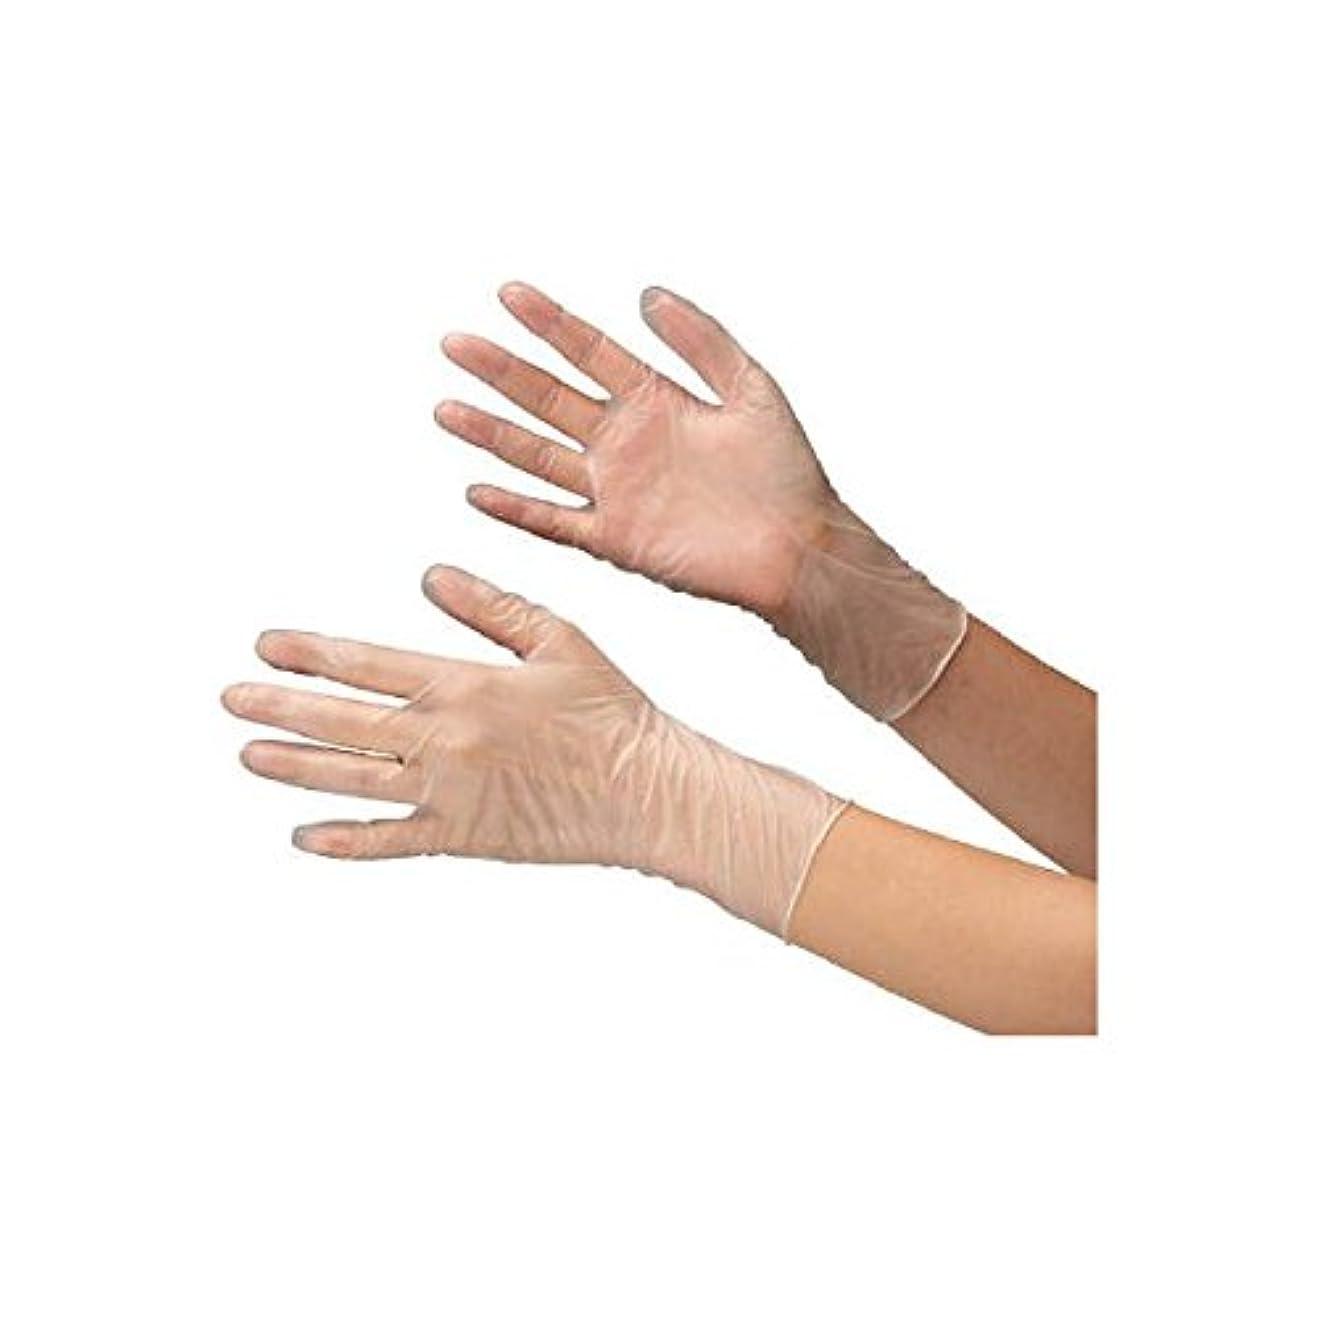 流蛇行に渡ってミドリ安全/ミドリ安全 塩化ビニール製 使い捨て手袋 粉なし 100枚入 LL(3889319) VERTE-851-LL [その他]